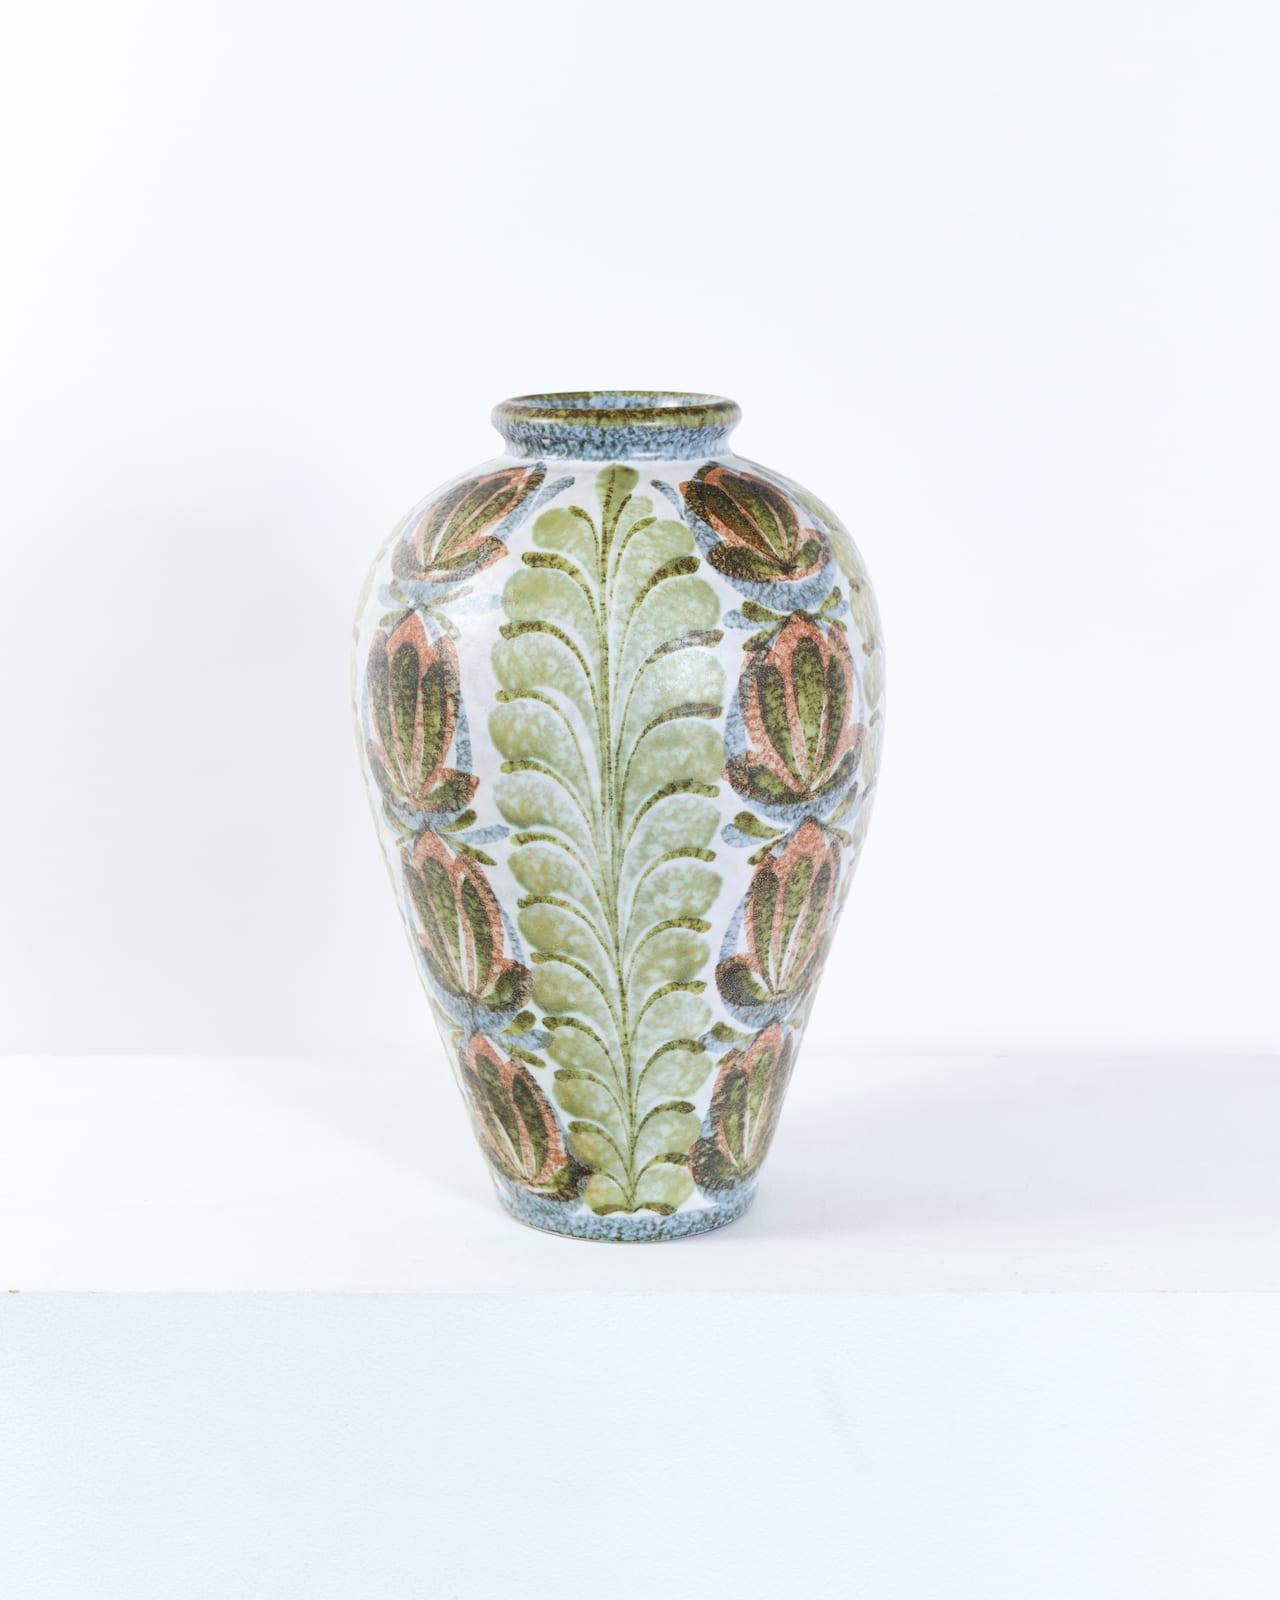 Glyn Colledge, Daffodil vase